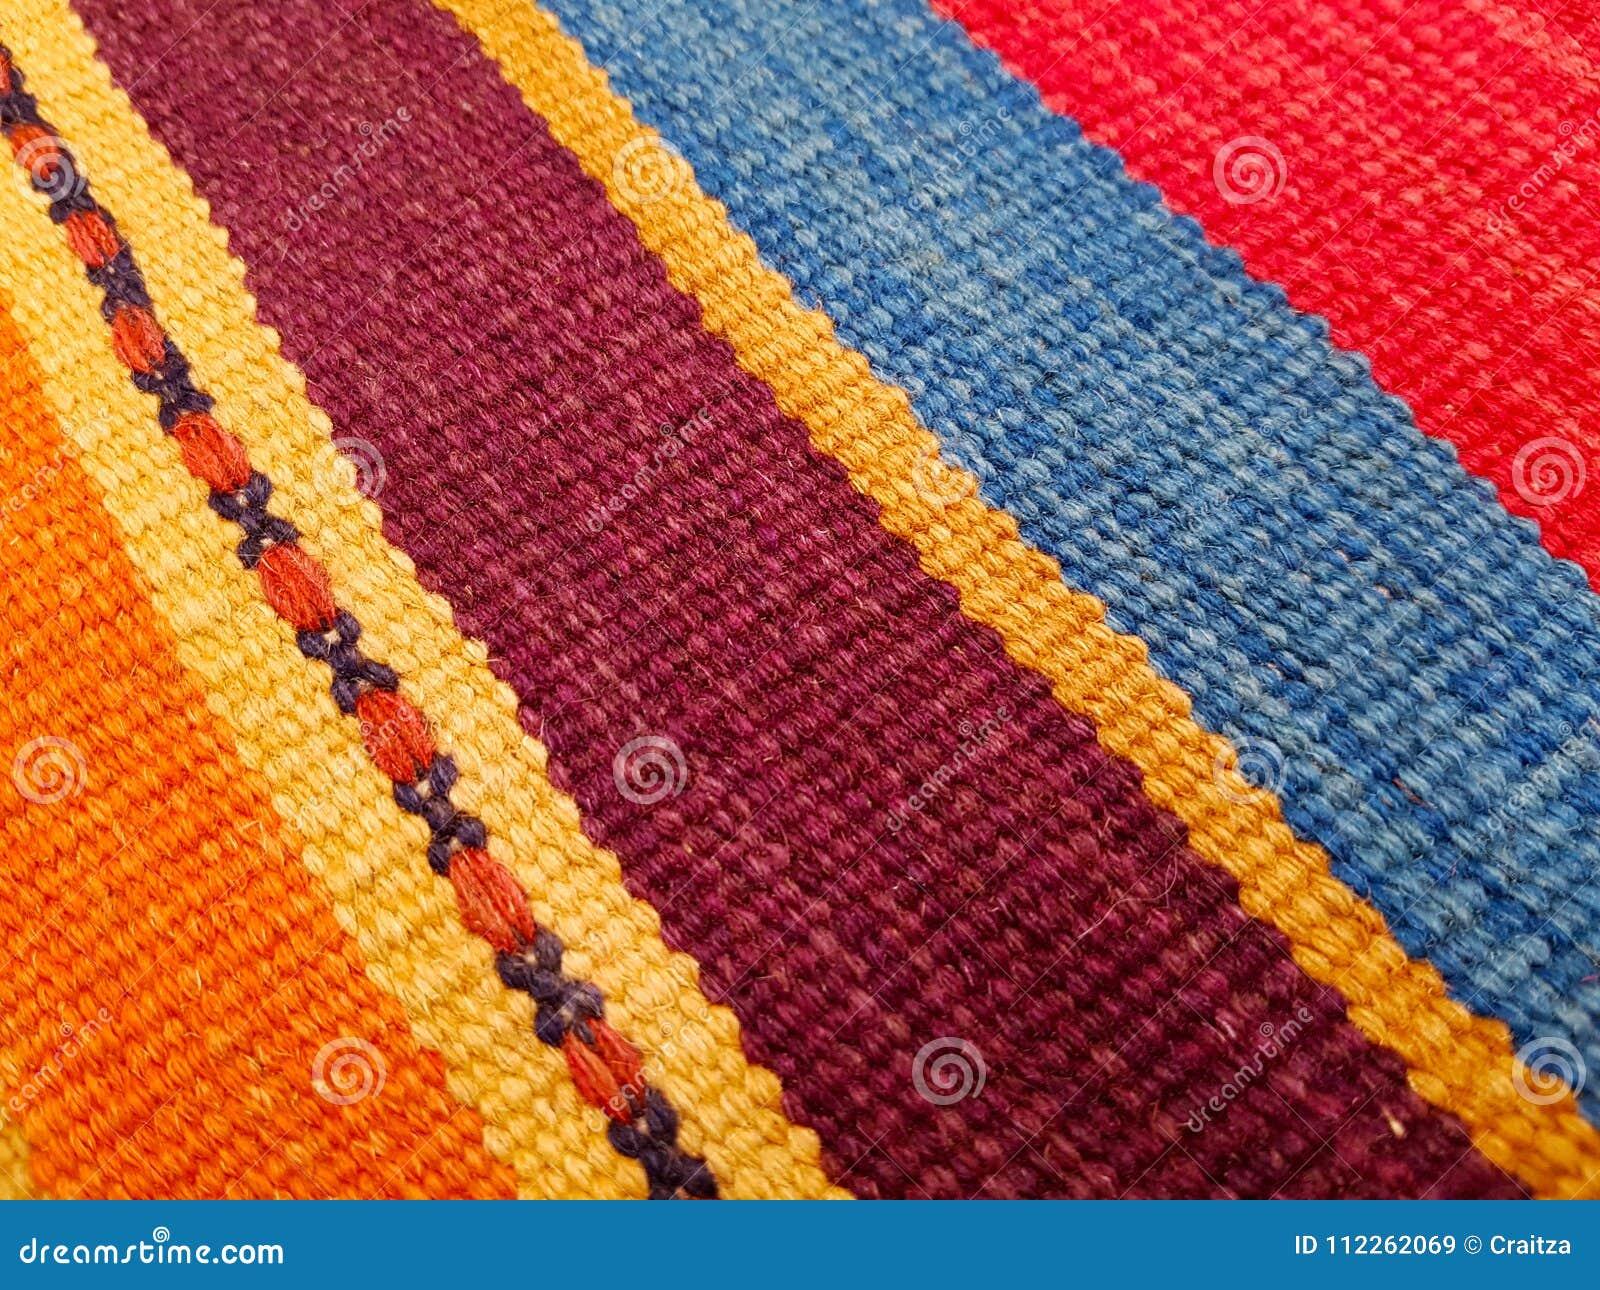 Unikalny Kolorowy Handcrafted Tradycyjny Wschodni - europejski dywanik